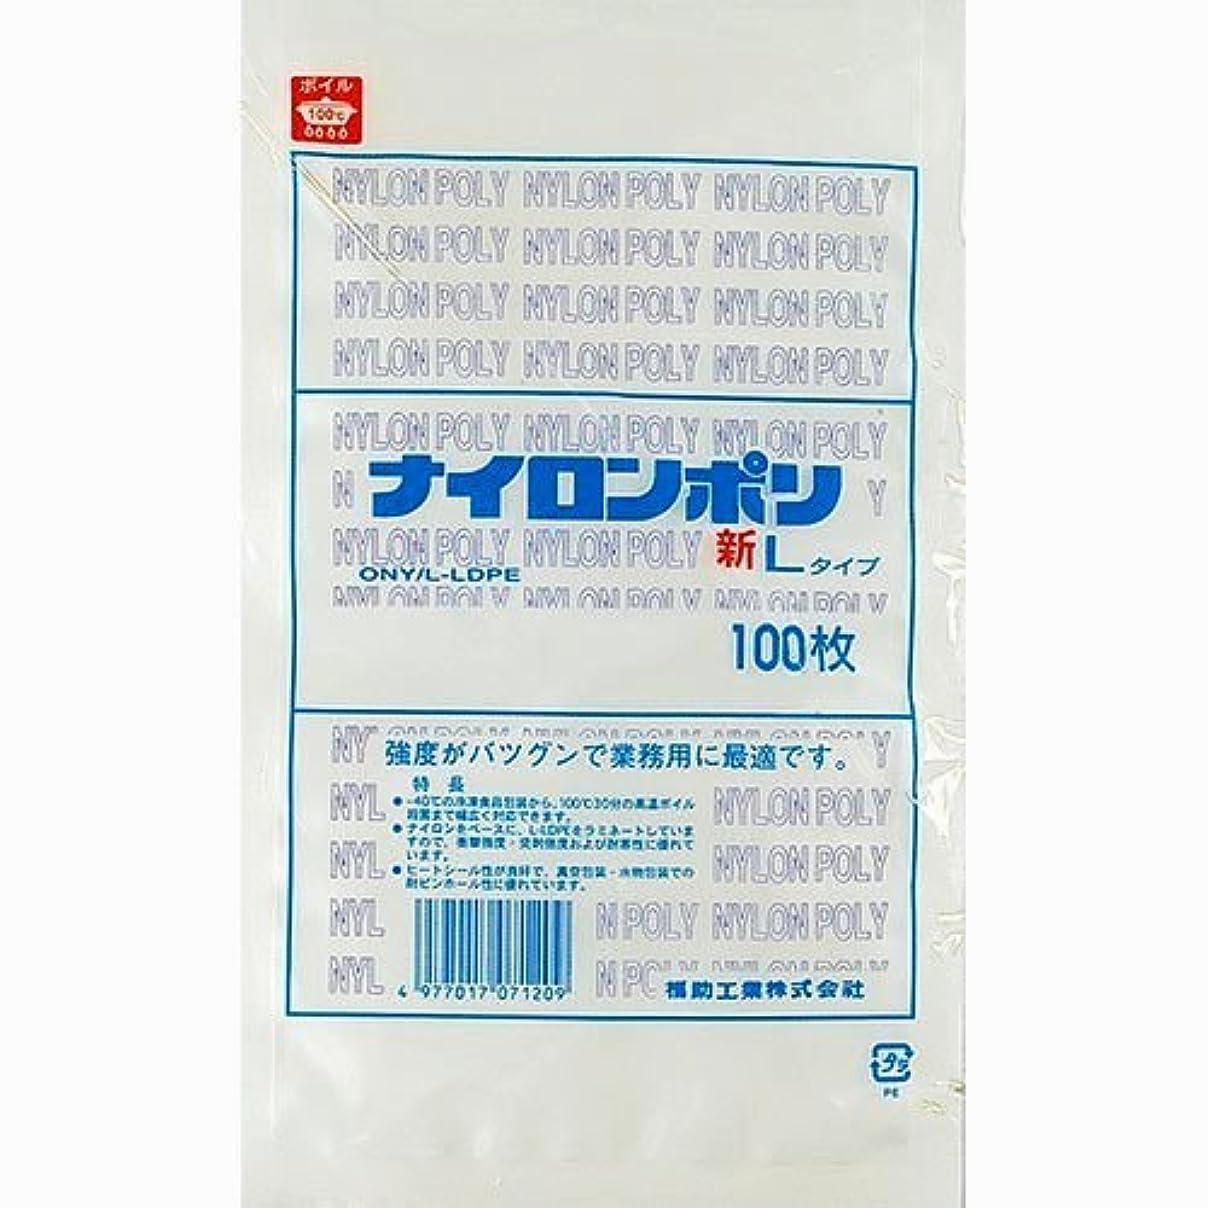 シチリアマーク評議会ナイロンポリ 新Lタイプ規格袋 No.16 (100枚) 巾220×長さ330㎜